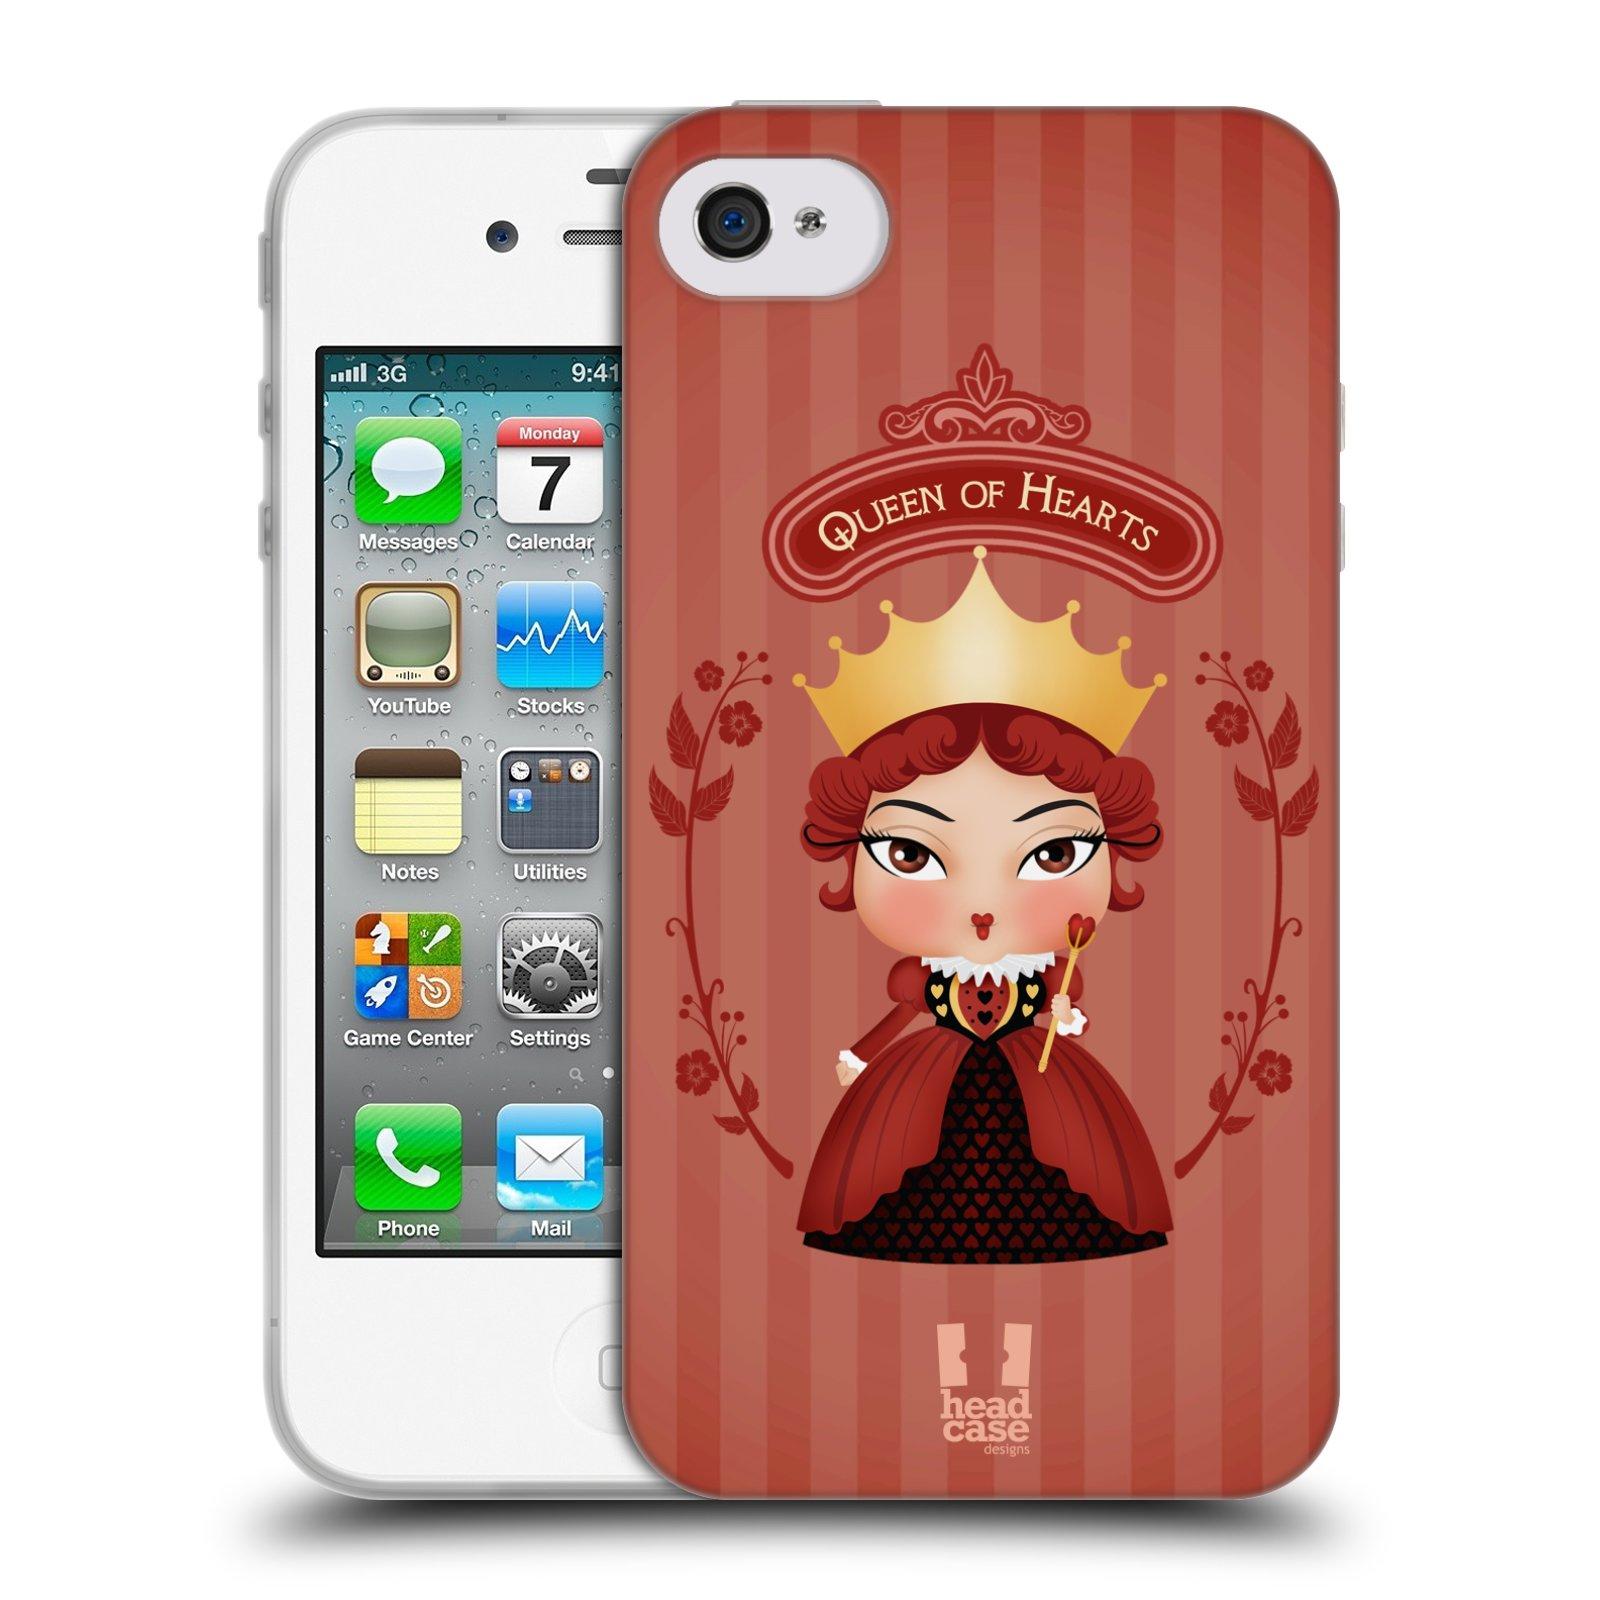 HEAD CASE silikonový obal na mobil Apple Iphone 4/4S vzor Alenka v říši divů královna